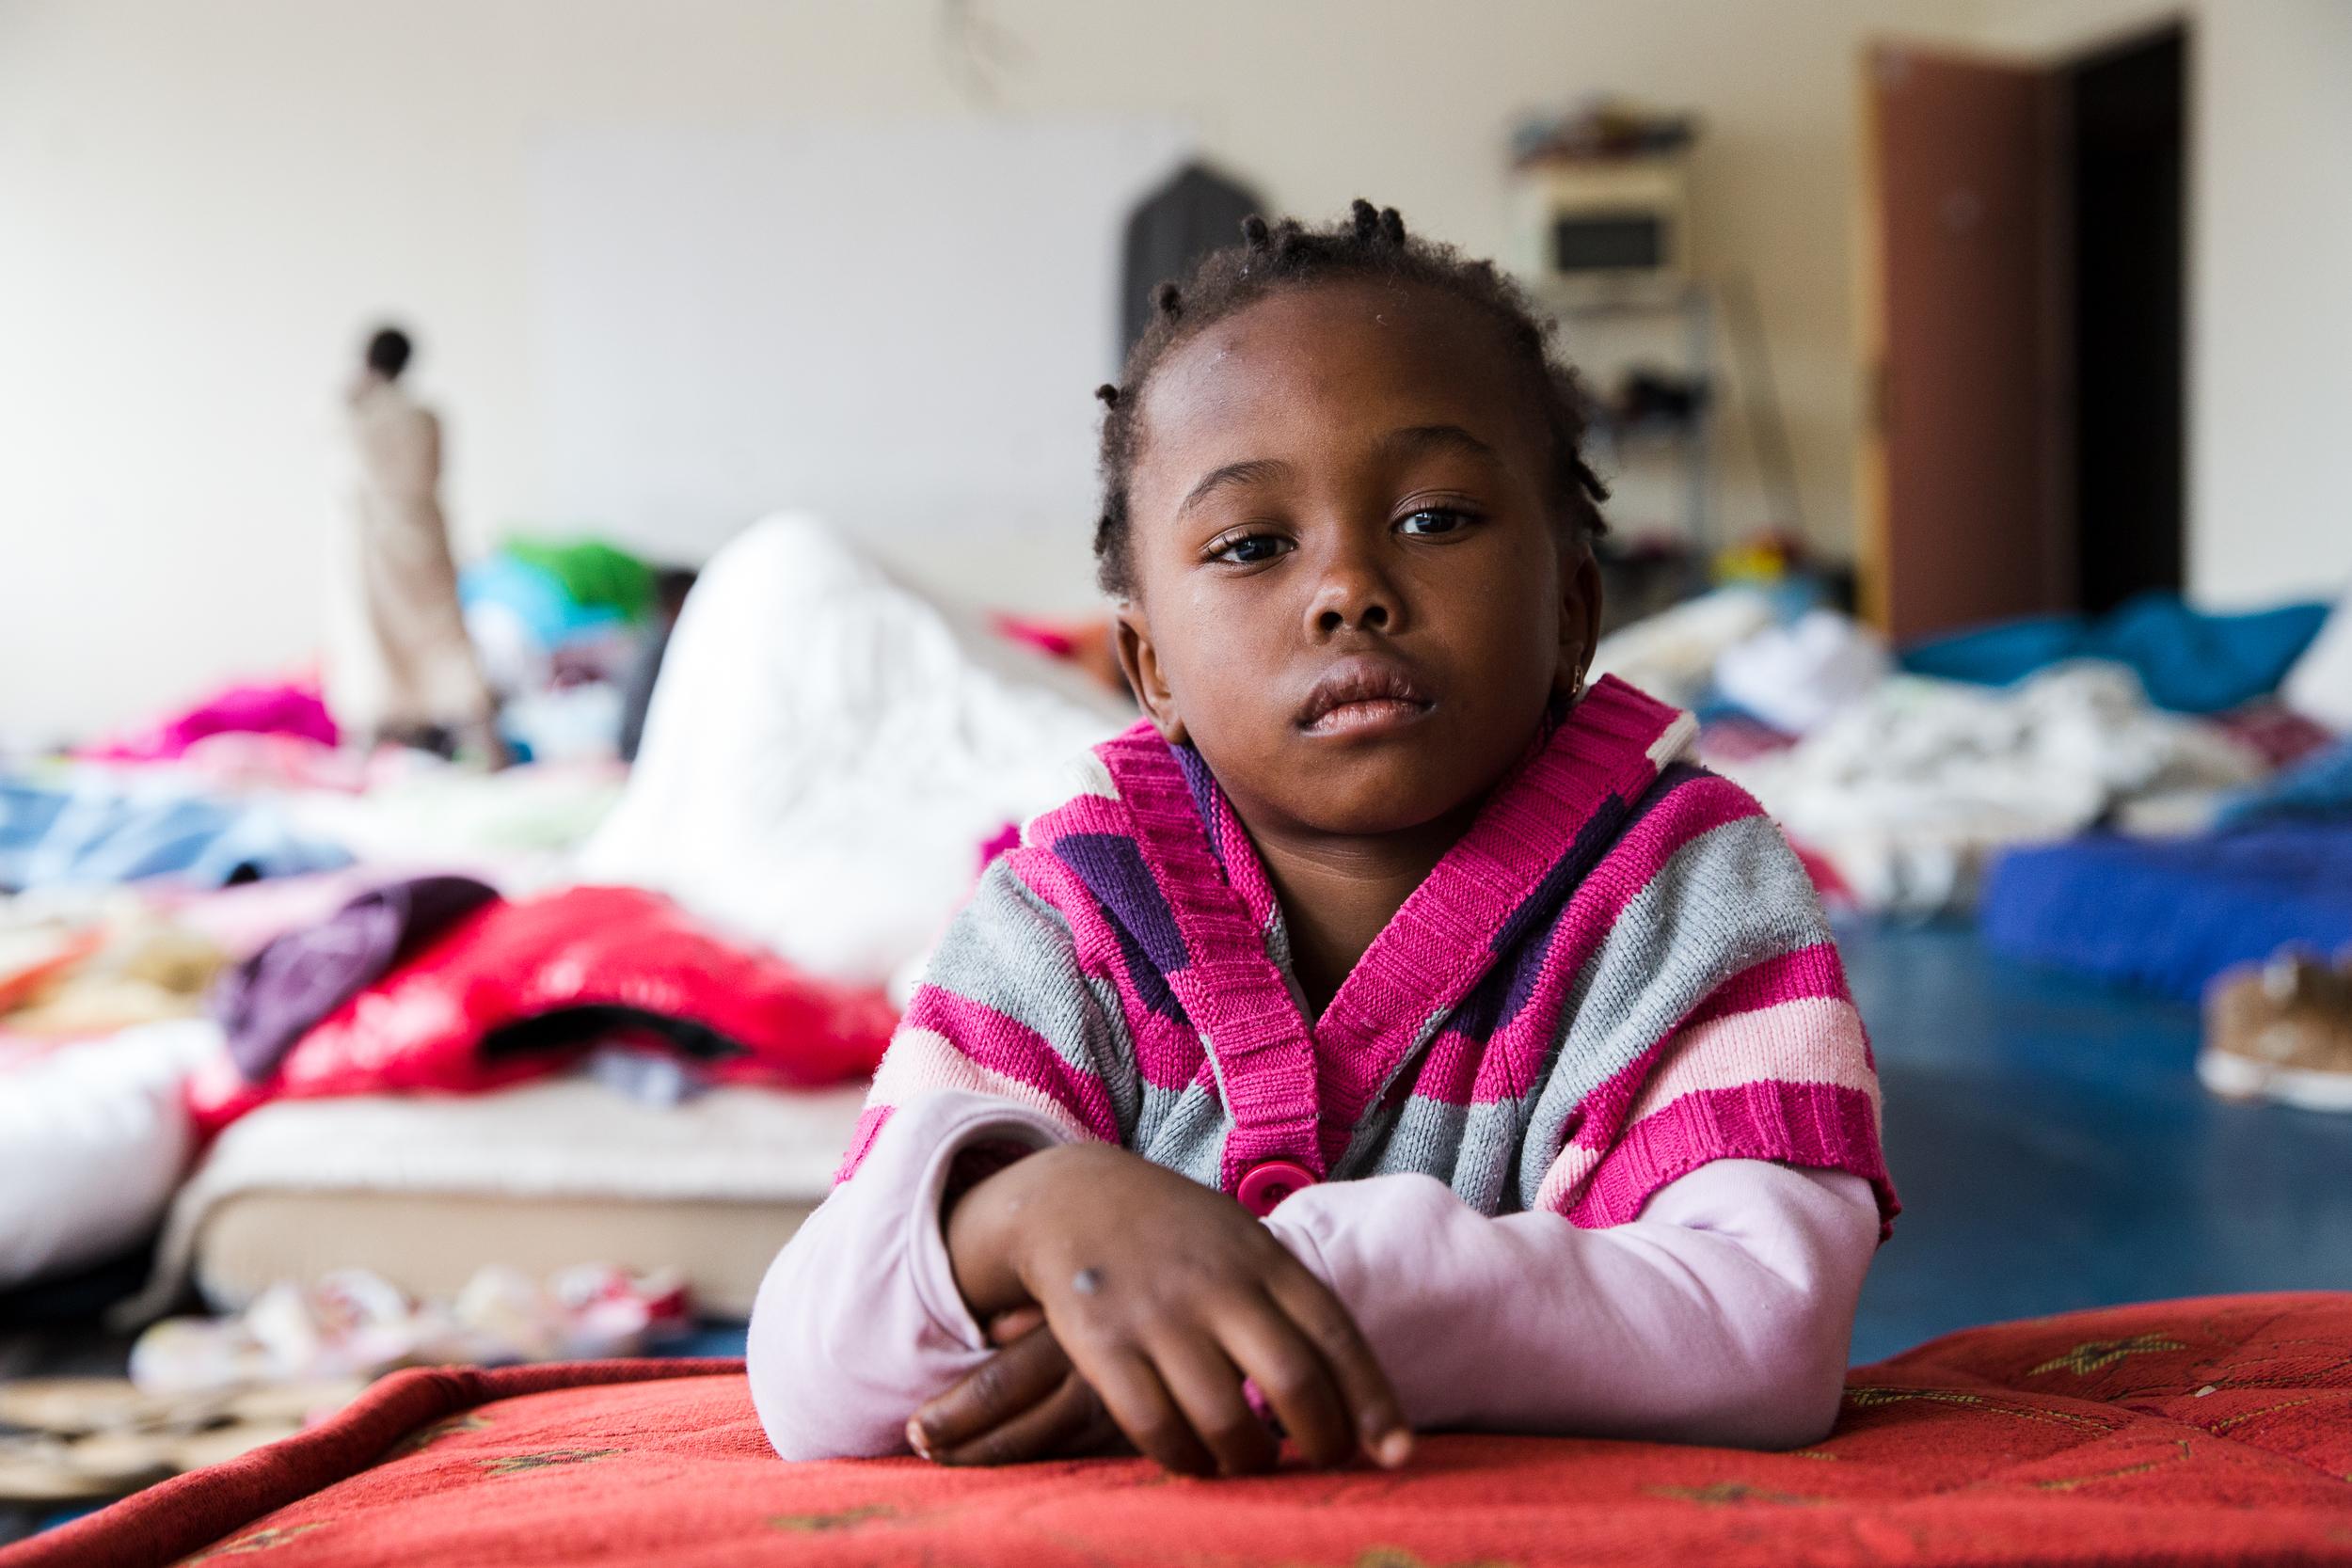 لا يوجد أطفال كثيرون هنا. تمنح سلطات المدينة الأولوية للنساء والأطفال عند تسكين الناس